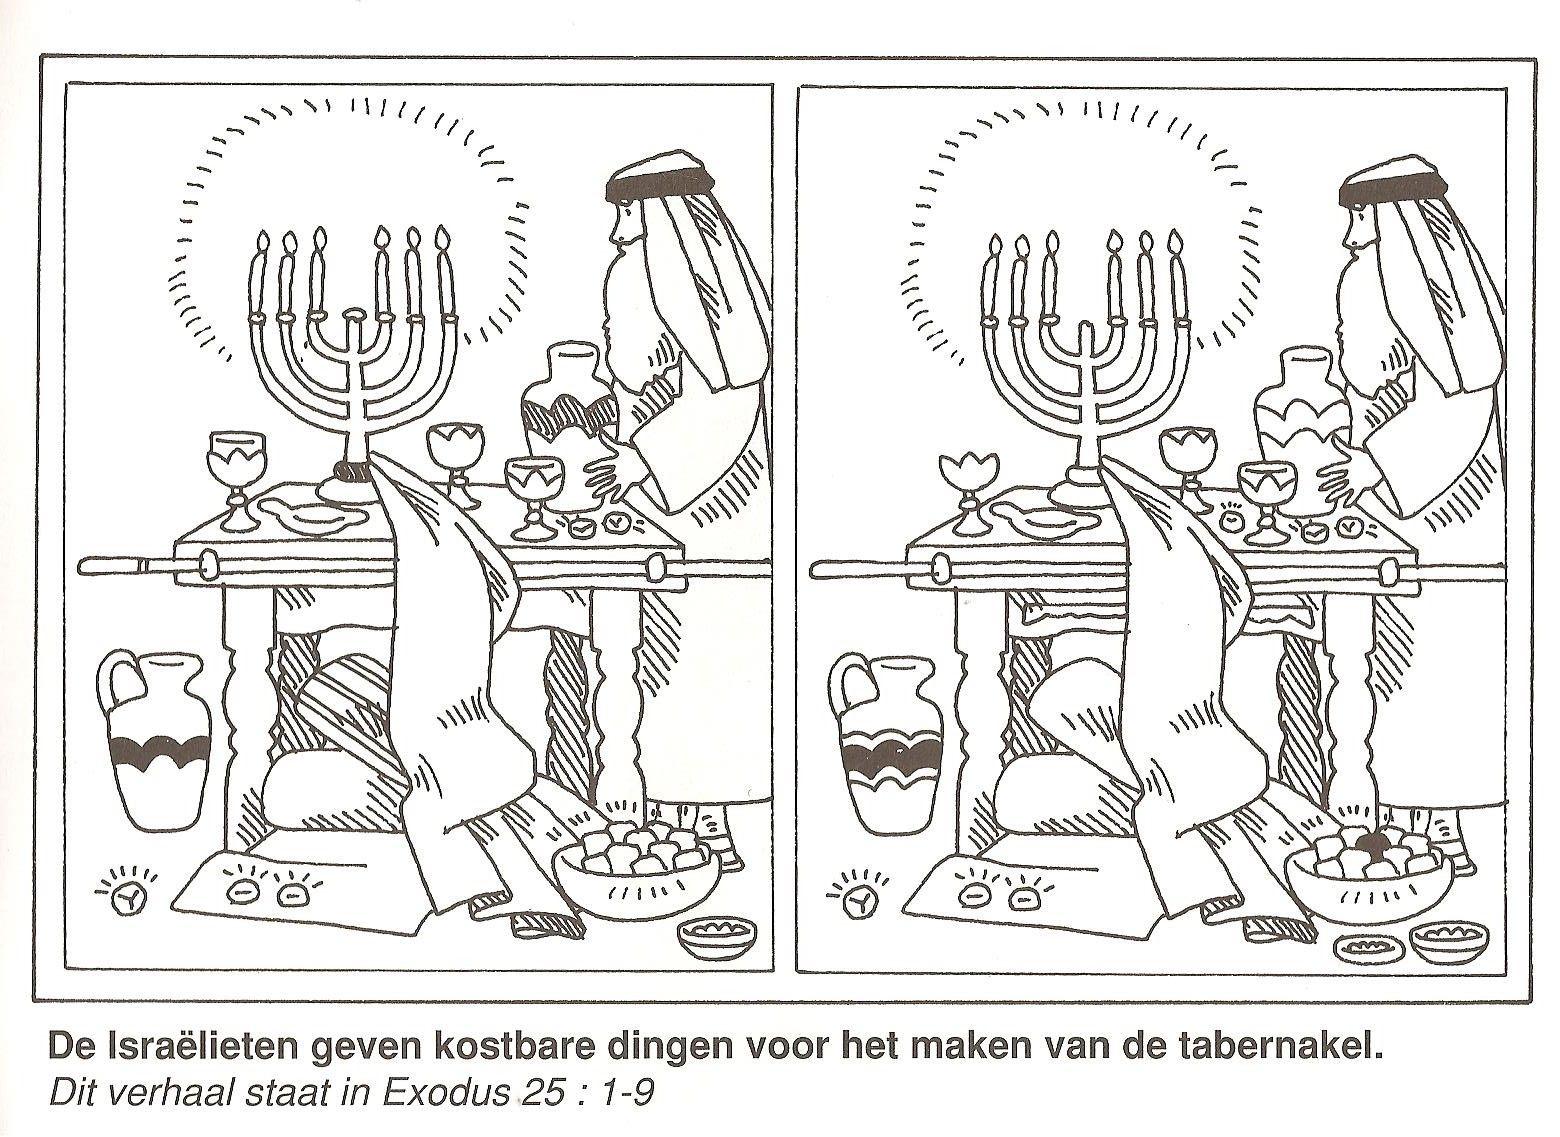 de israelieten geven kostbare dingen voor het maken van de ...